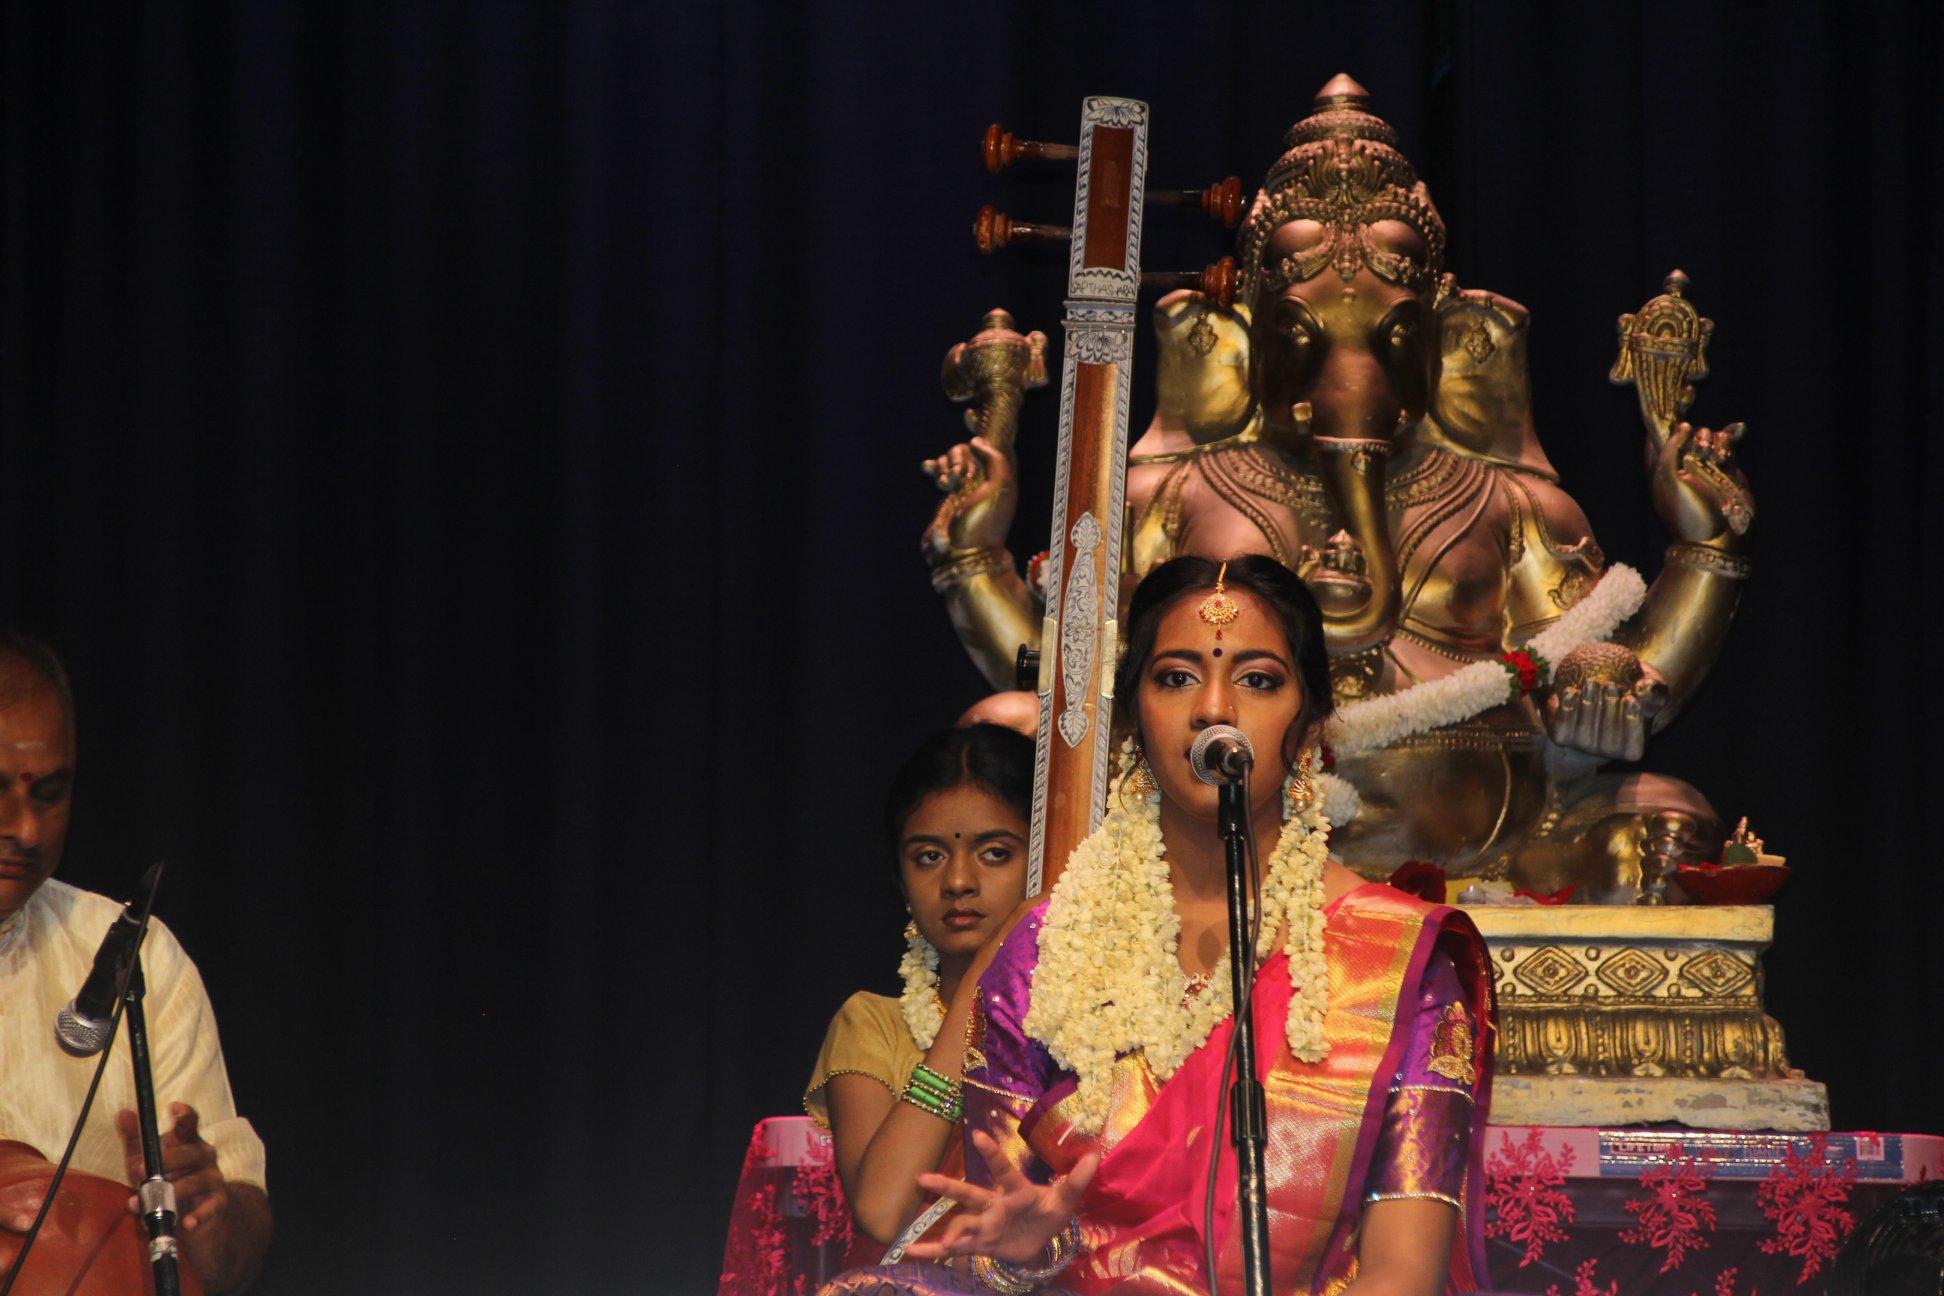 ஸ்காபுடறோ நகரில் நடைபெற்ற செல்வி றெசீக்கா, செல்வன் றீகன் இரட்டை அரங்கேற்றம்